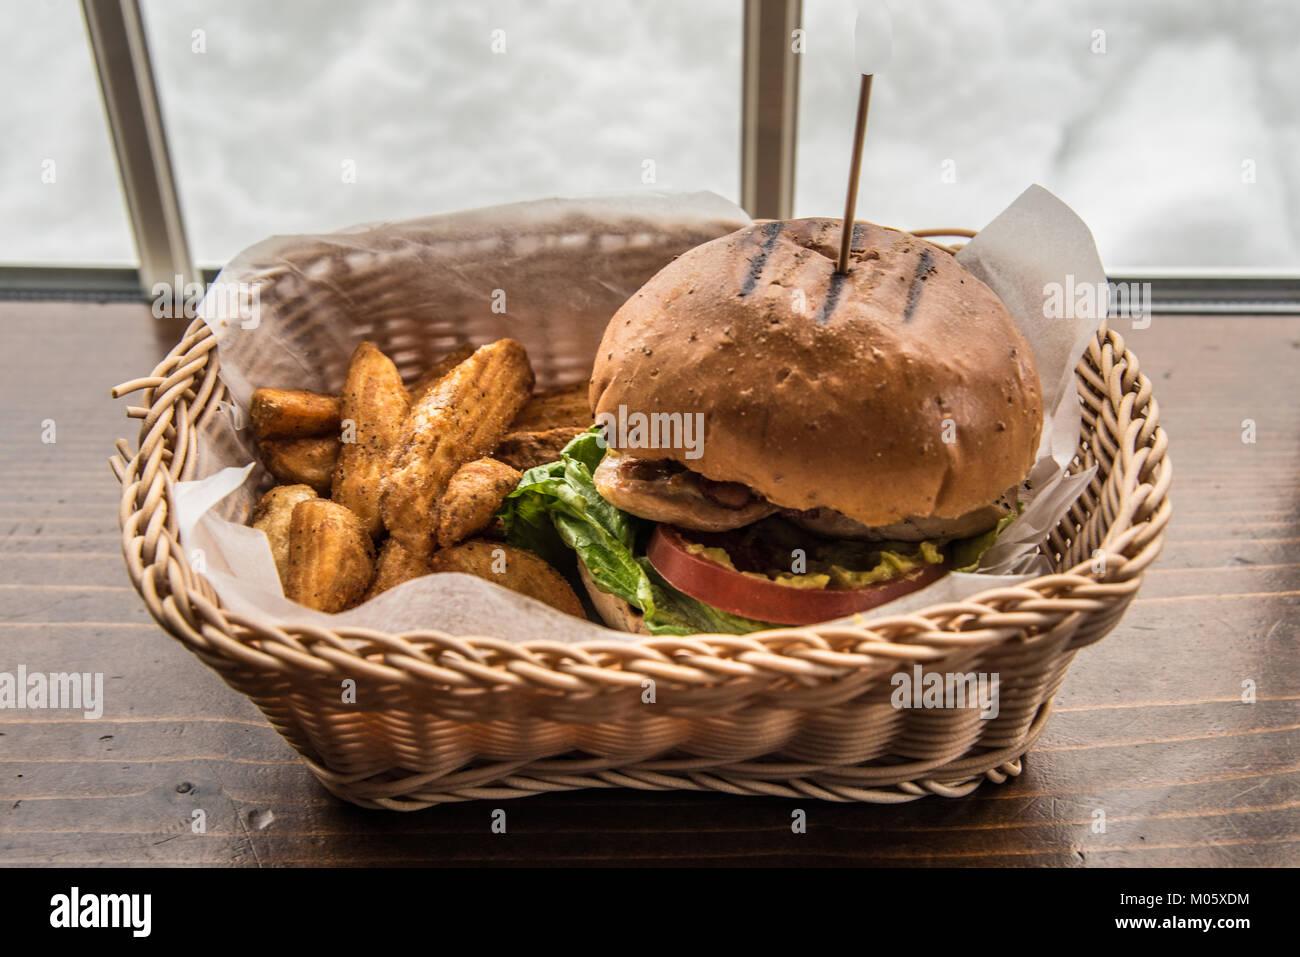 Burger, Fries, Basket - Stock Image